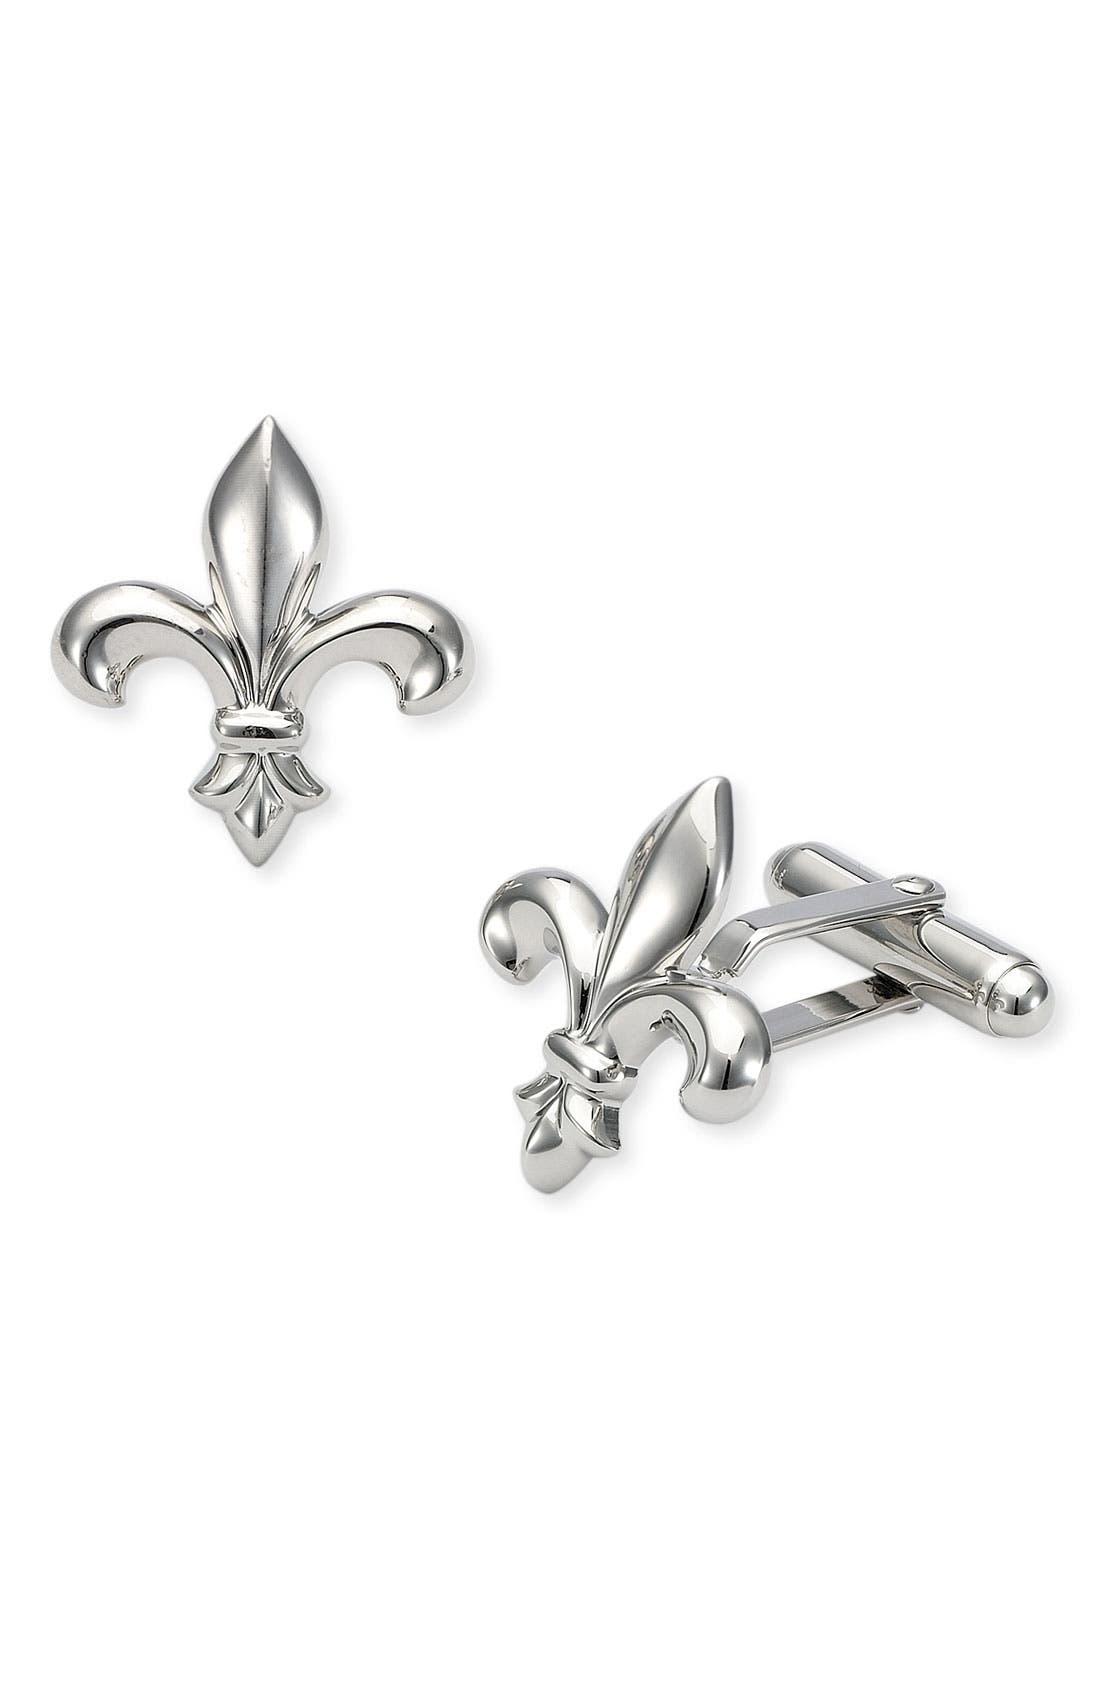 Fleur de Lis Cuff Links,                         Main,                         color, Silver